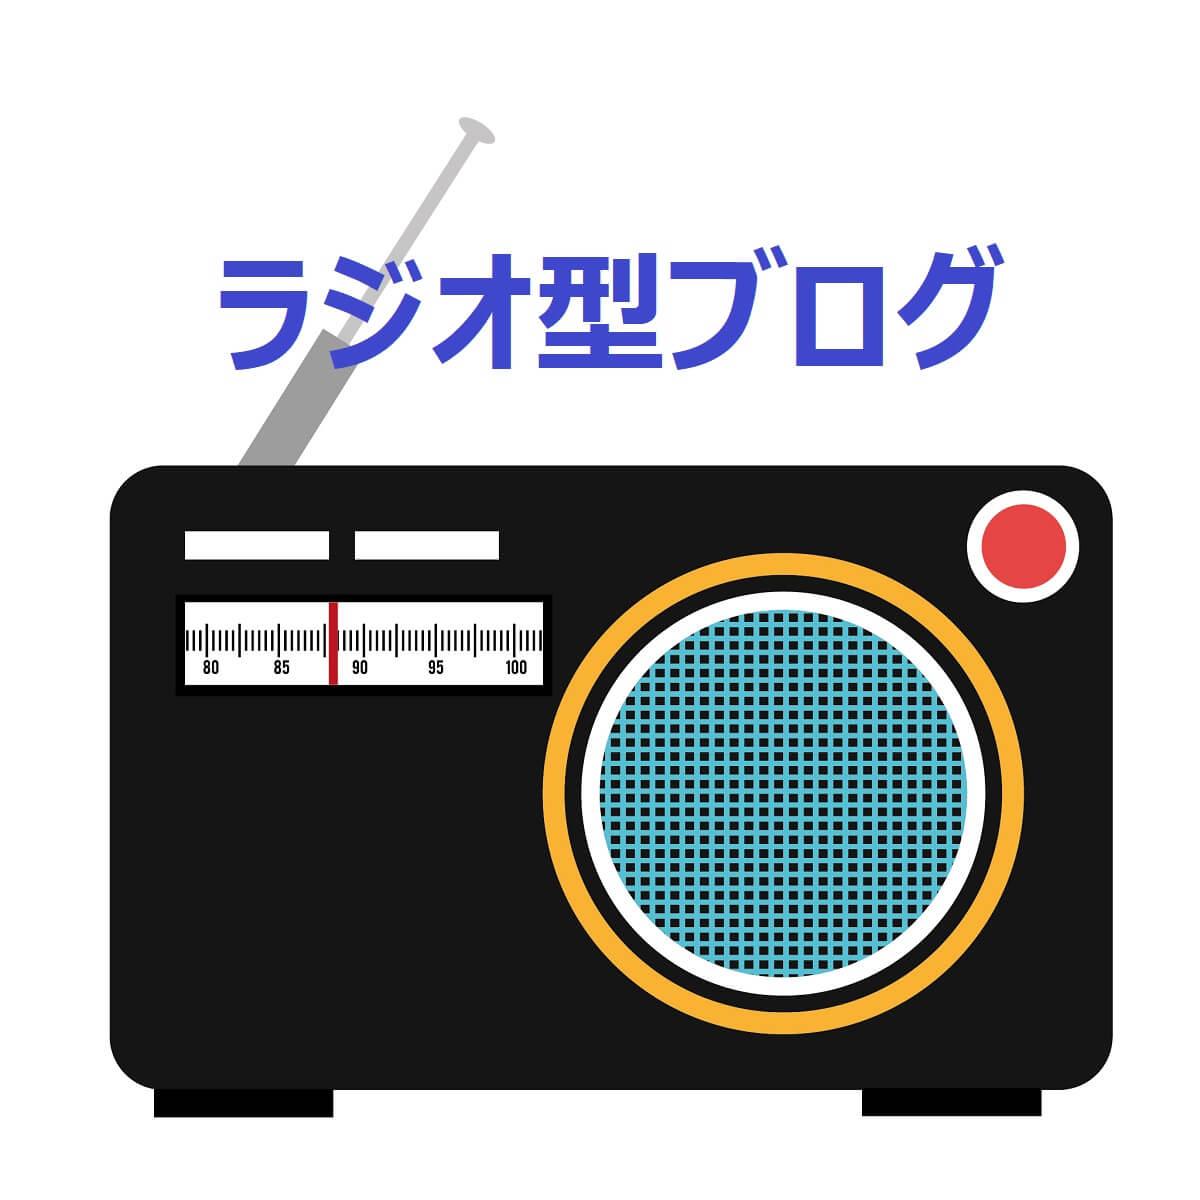 新しいブログの使い方!ラジオ型ブログ